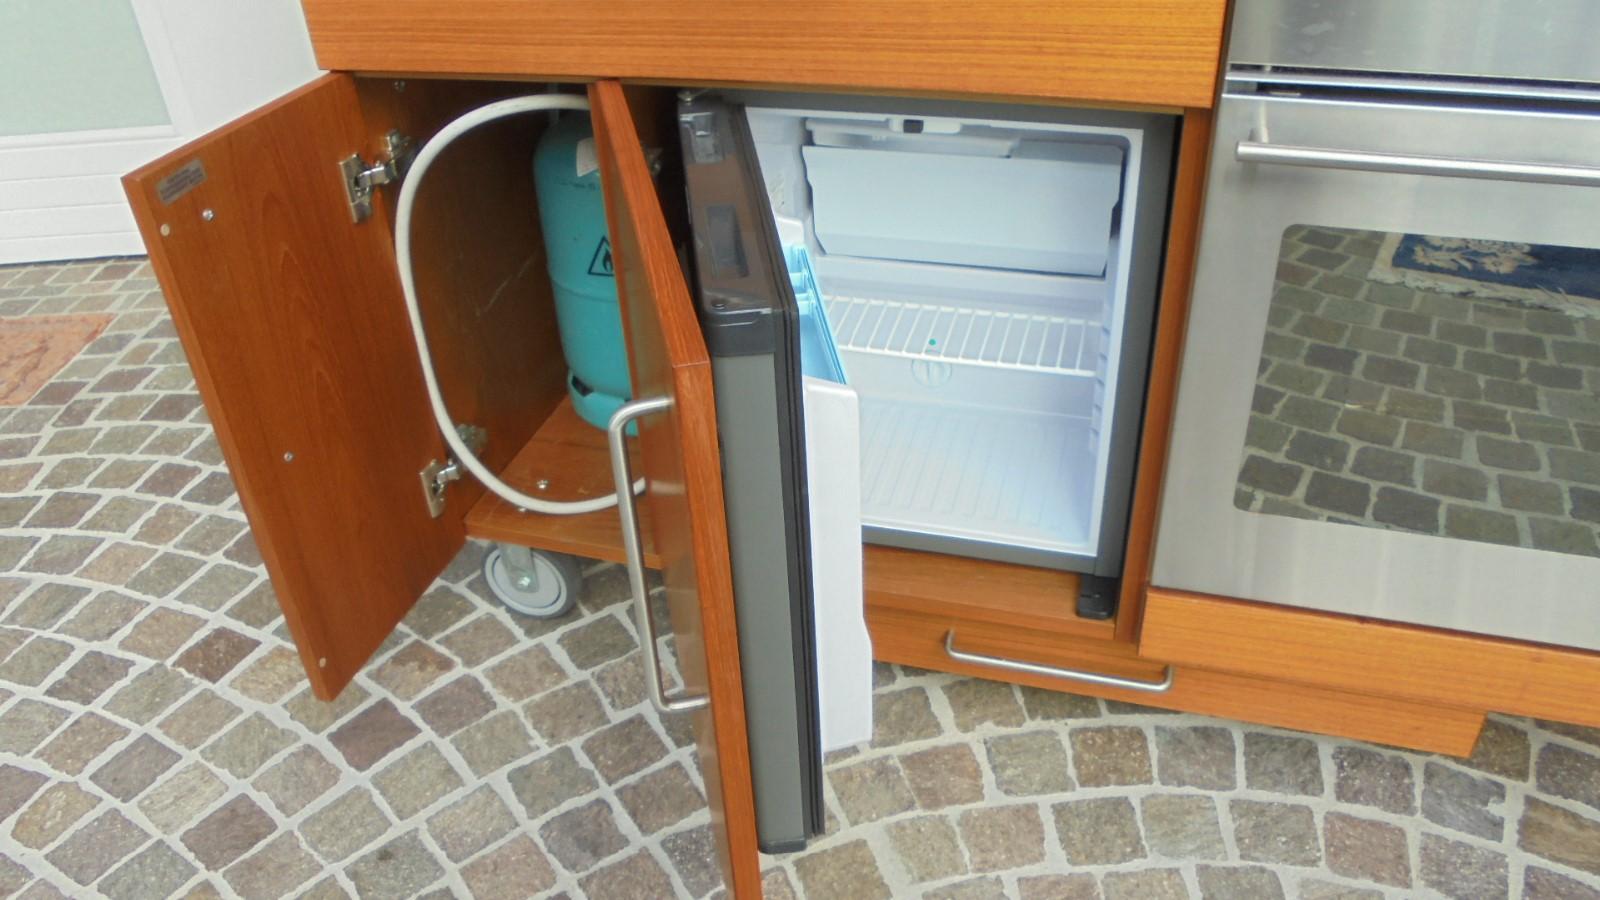 Outdoor Küche Utensilien : Außenküche kulinarische köstlichkeiten in der außenküche zubereiten